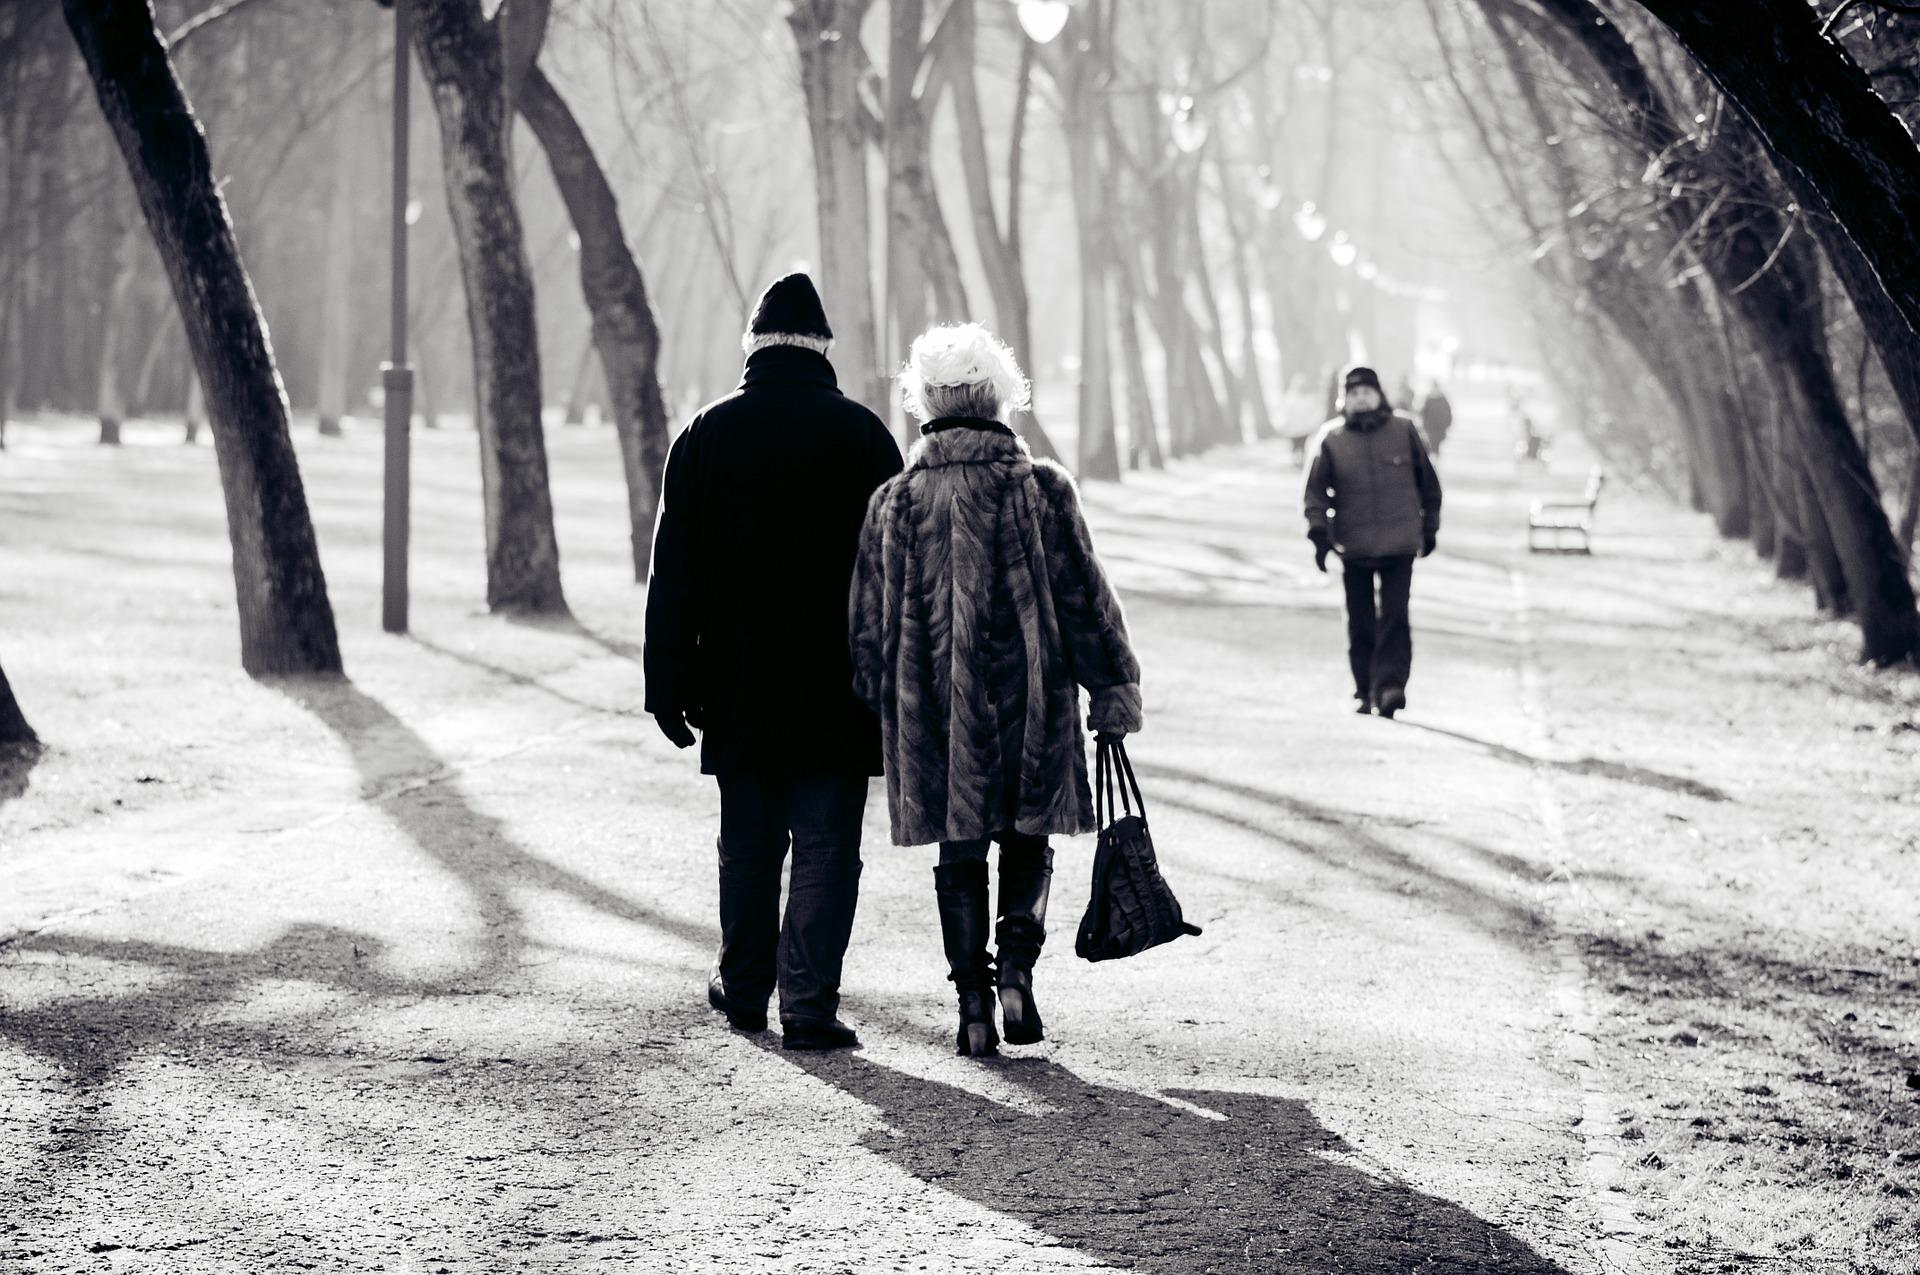 Saúde do idoso requer mais cuidados no inverno